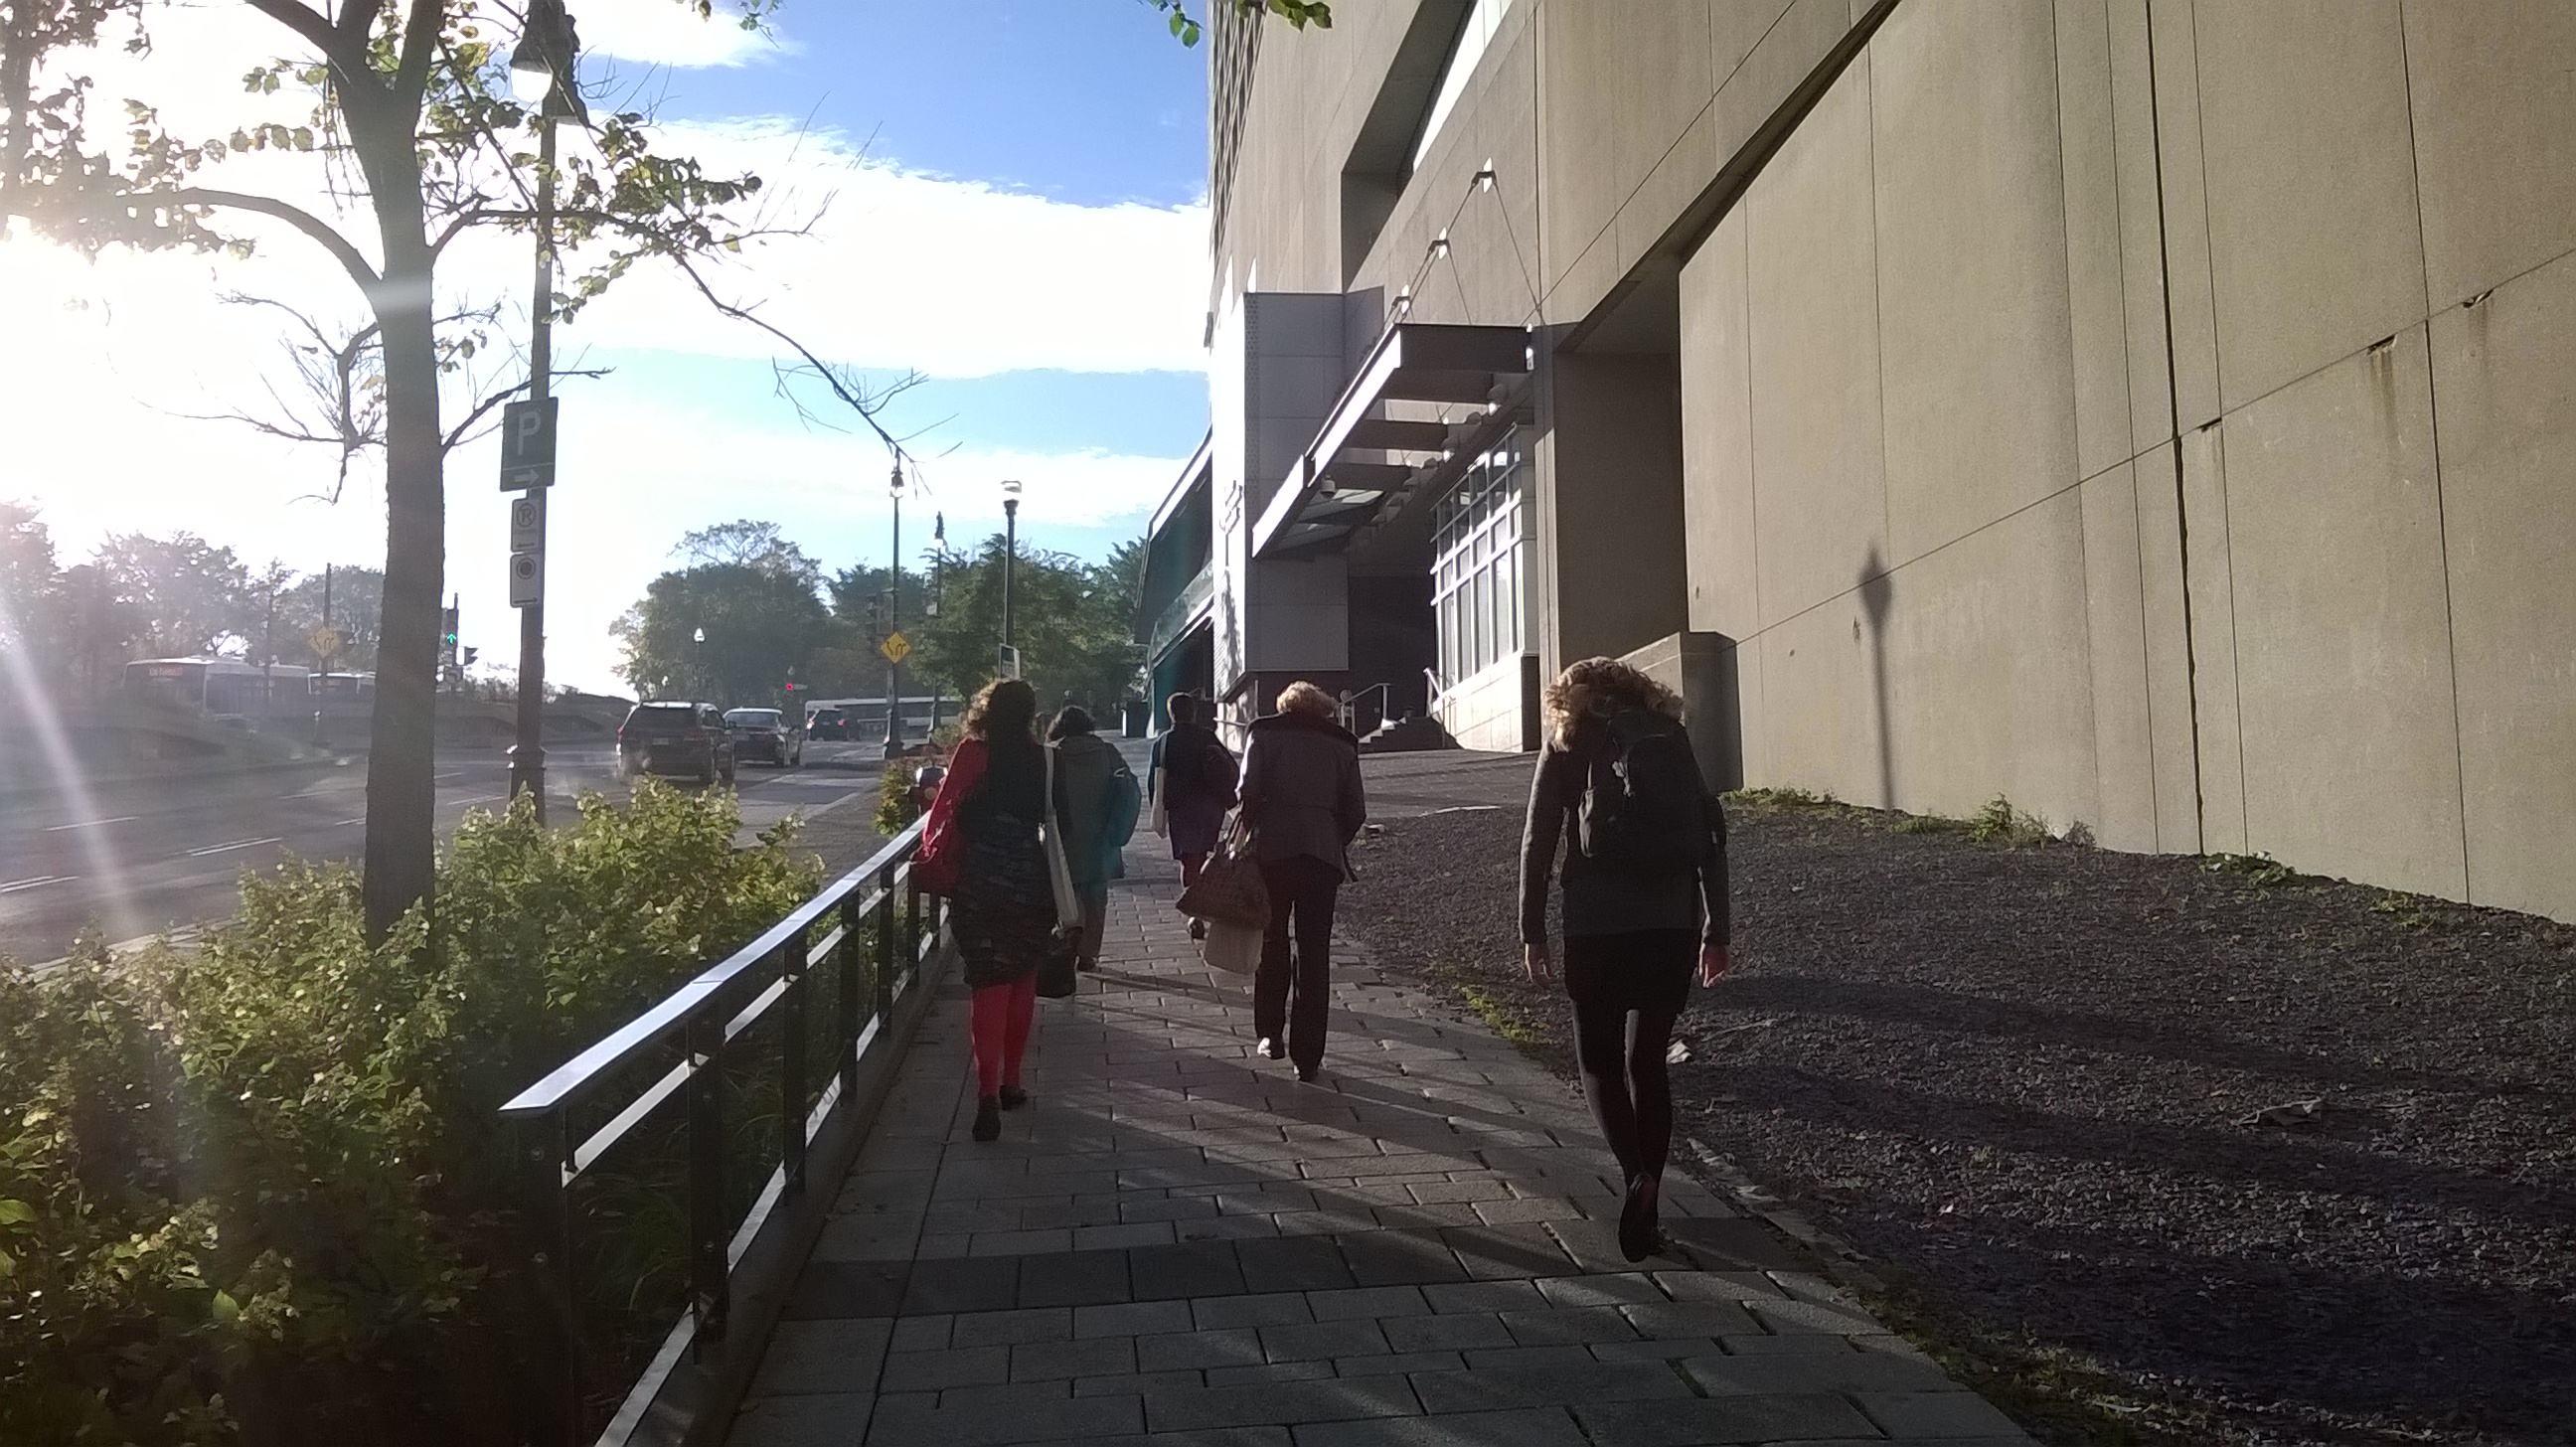 Windy city, tämäkin. Tuulta päin - delegaatit taivaltavat konferenssikeskukseen.